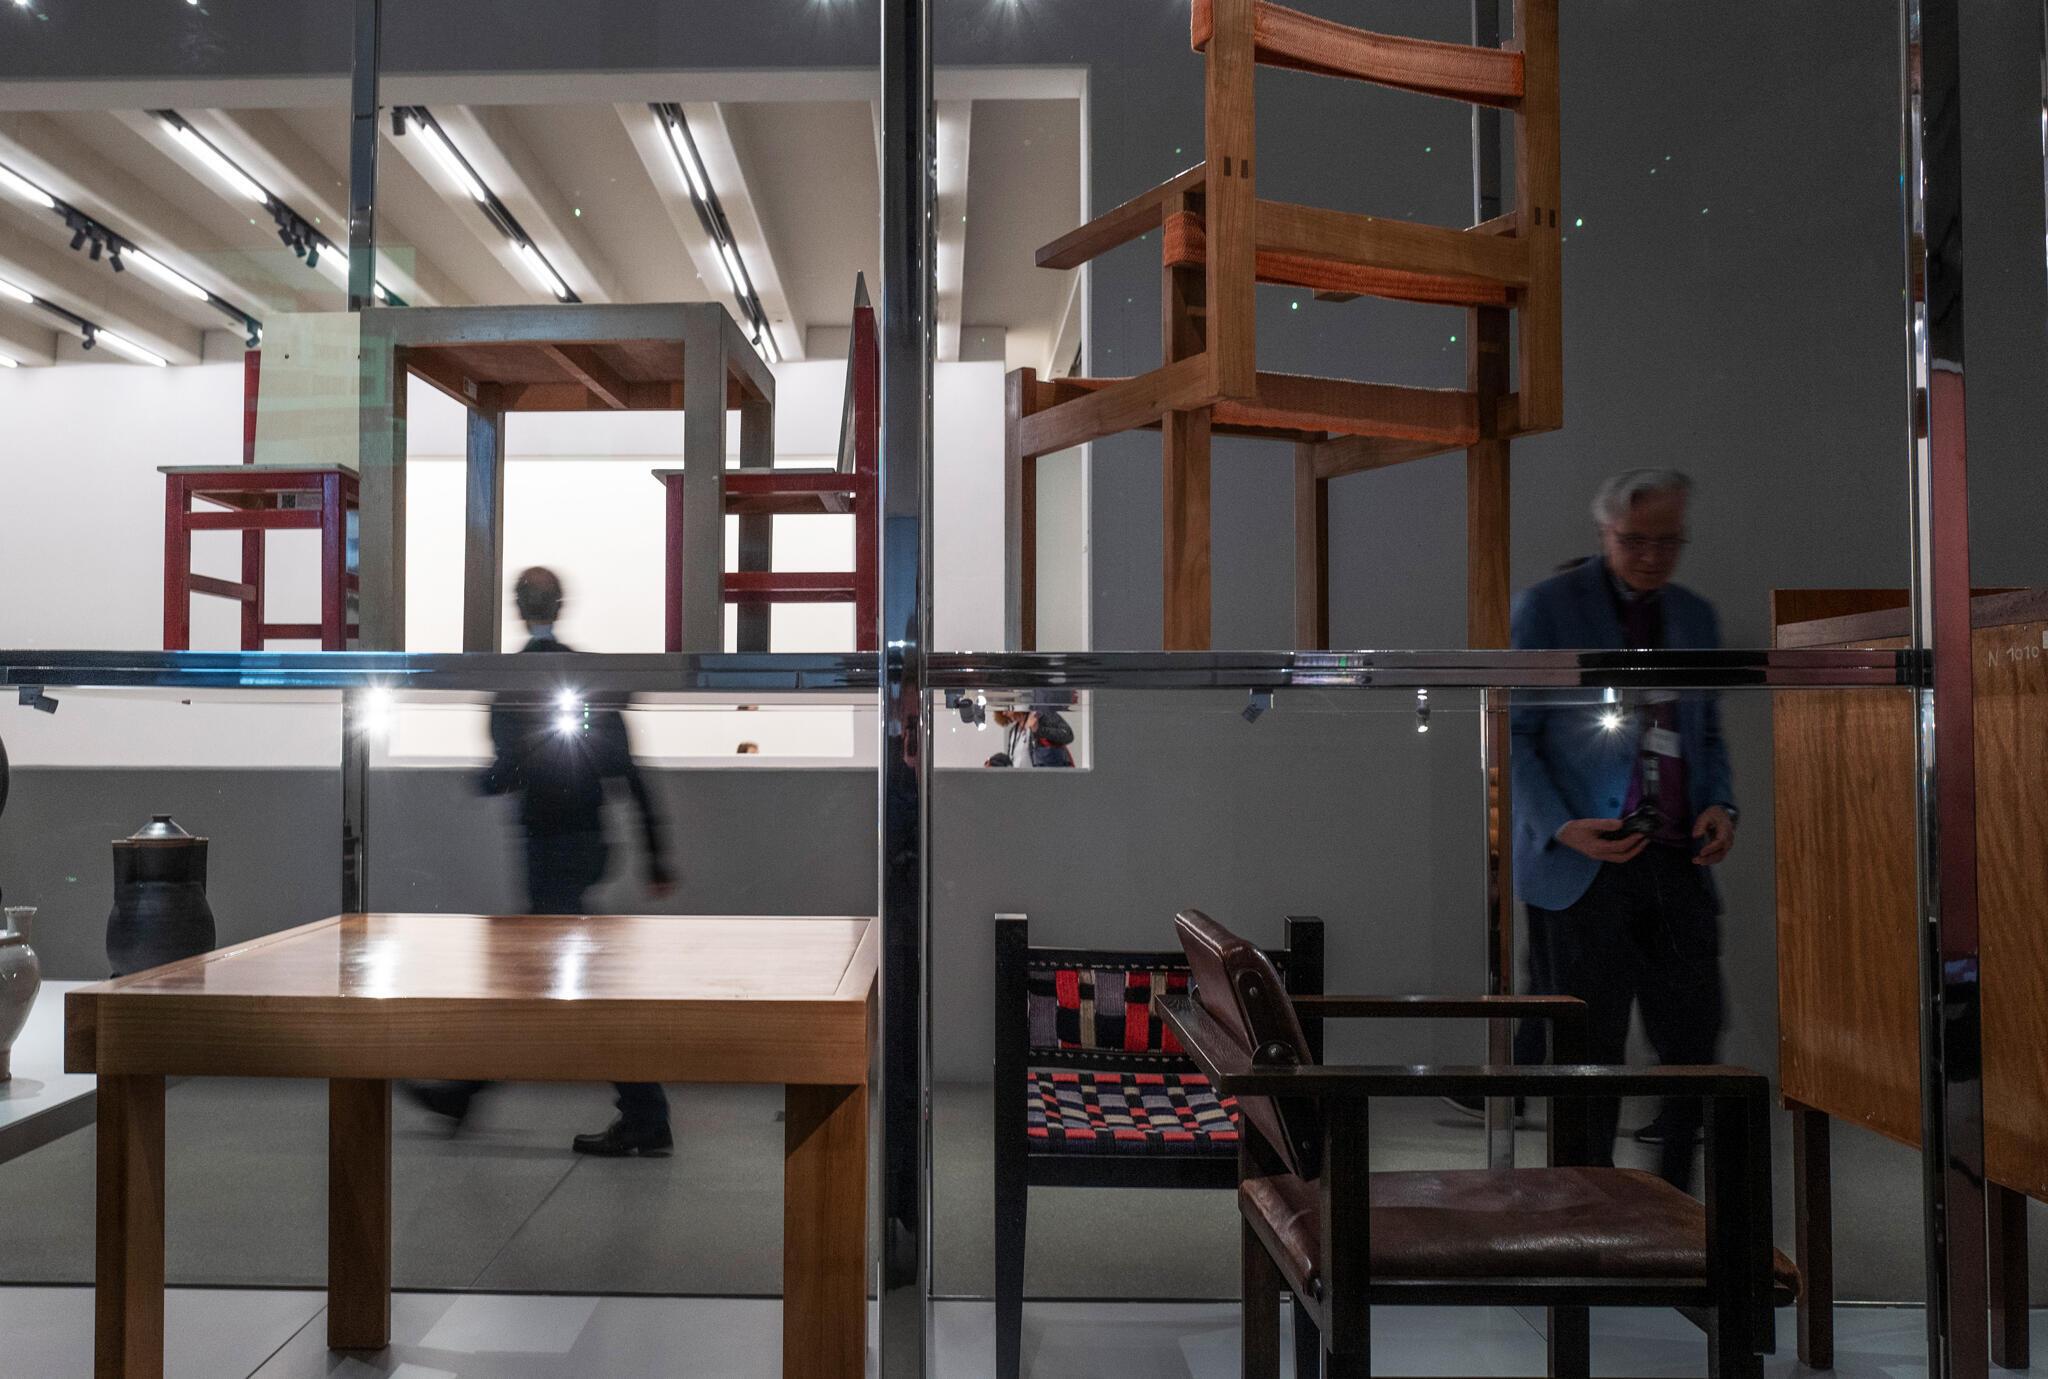 Des chaises disposées dans le nouveau musée du Bauhaus à Weimar.